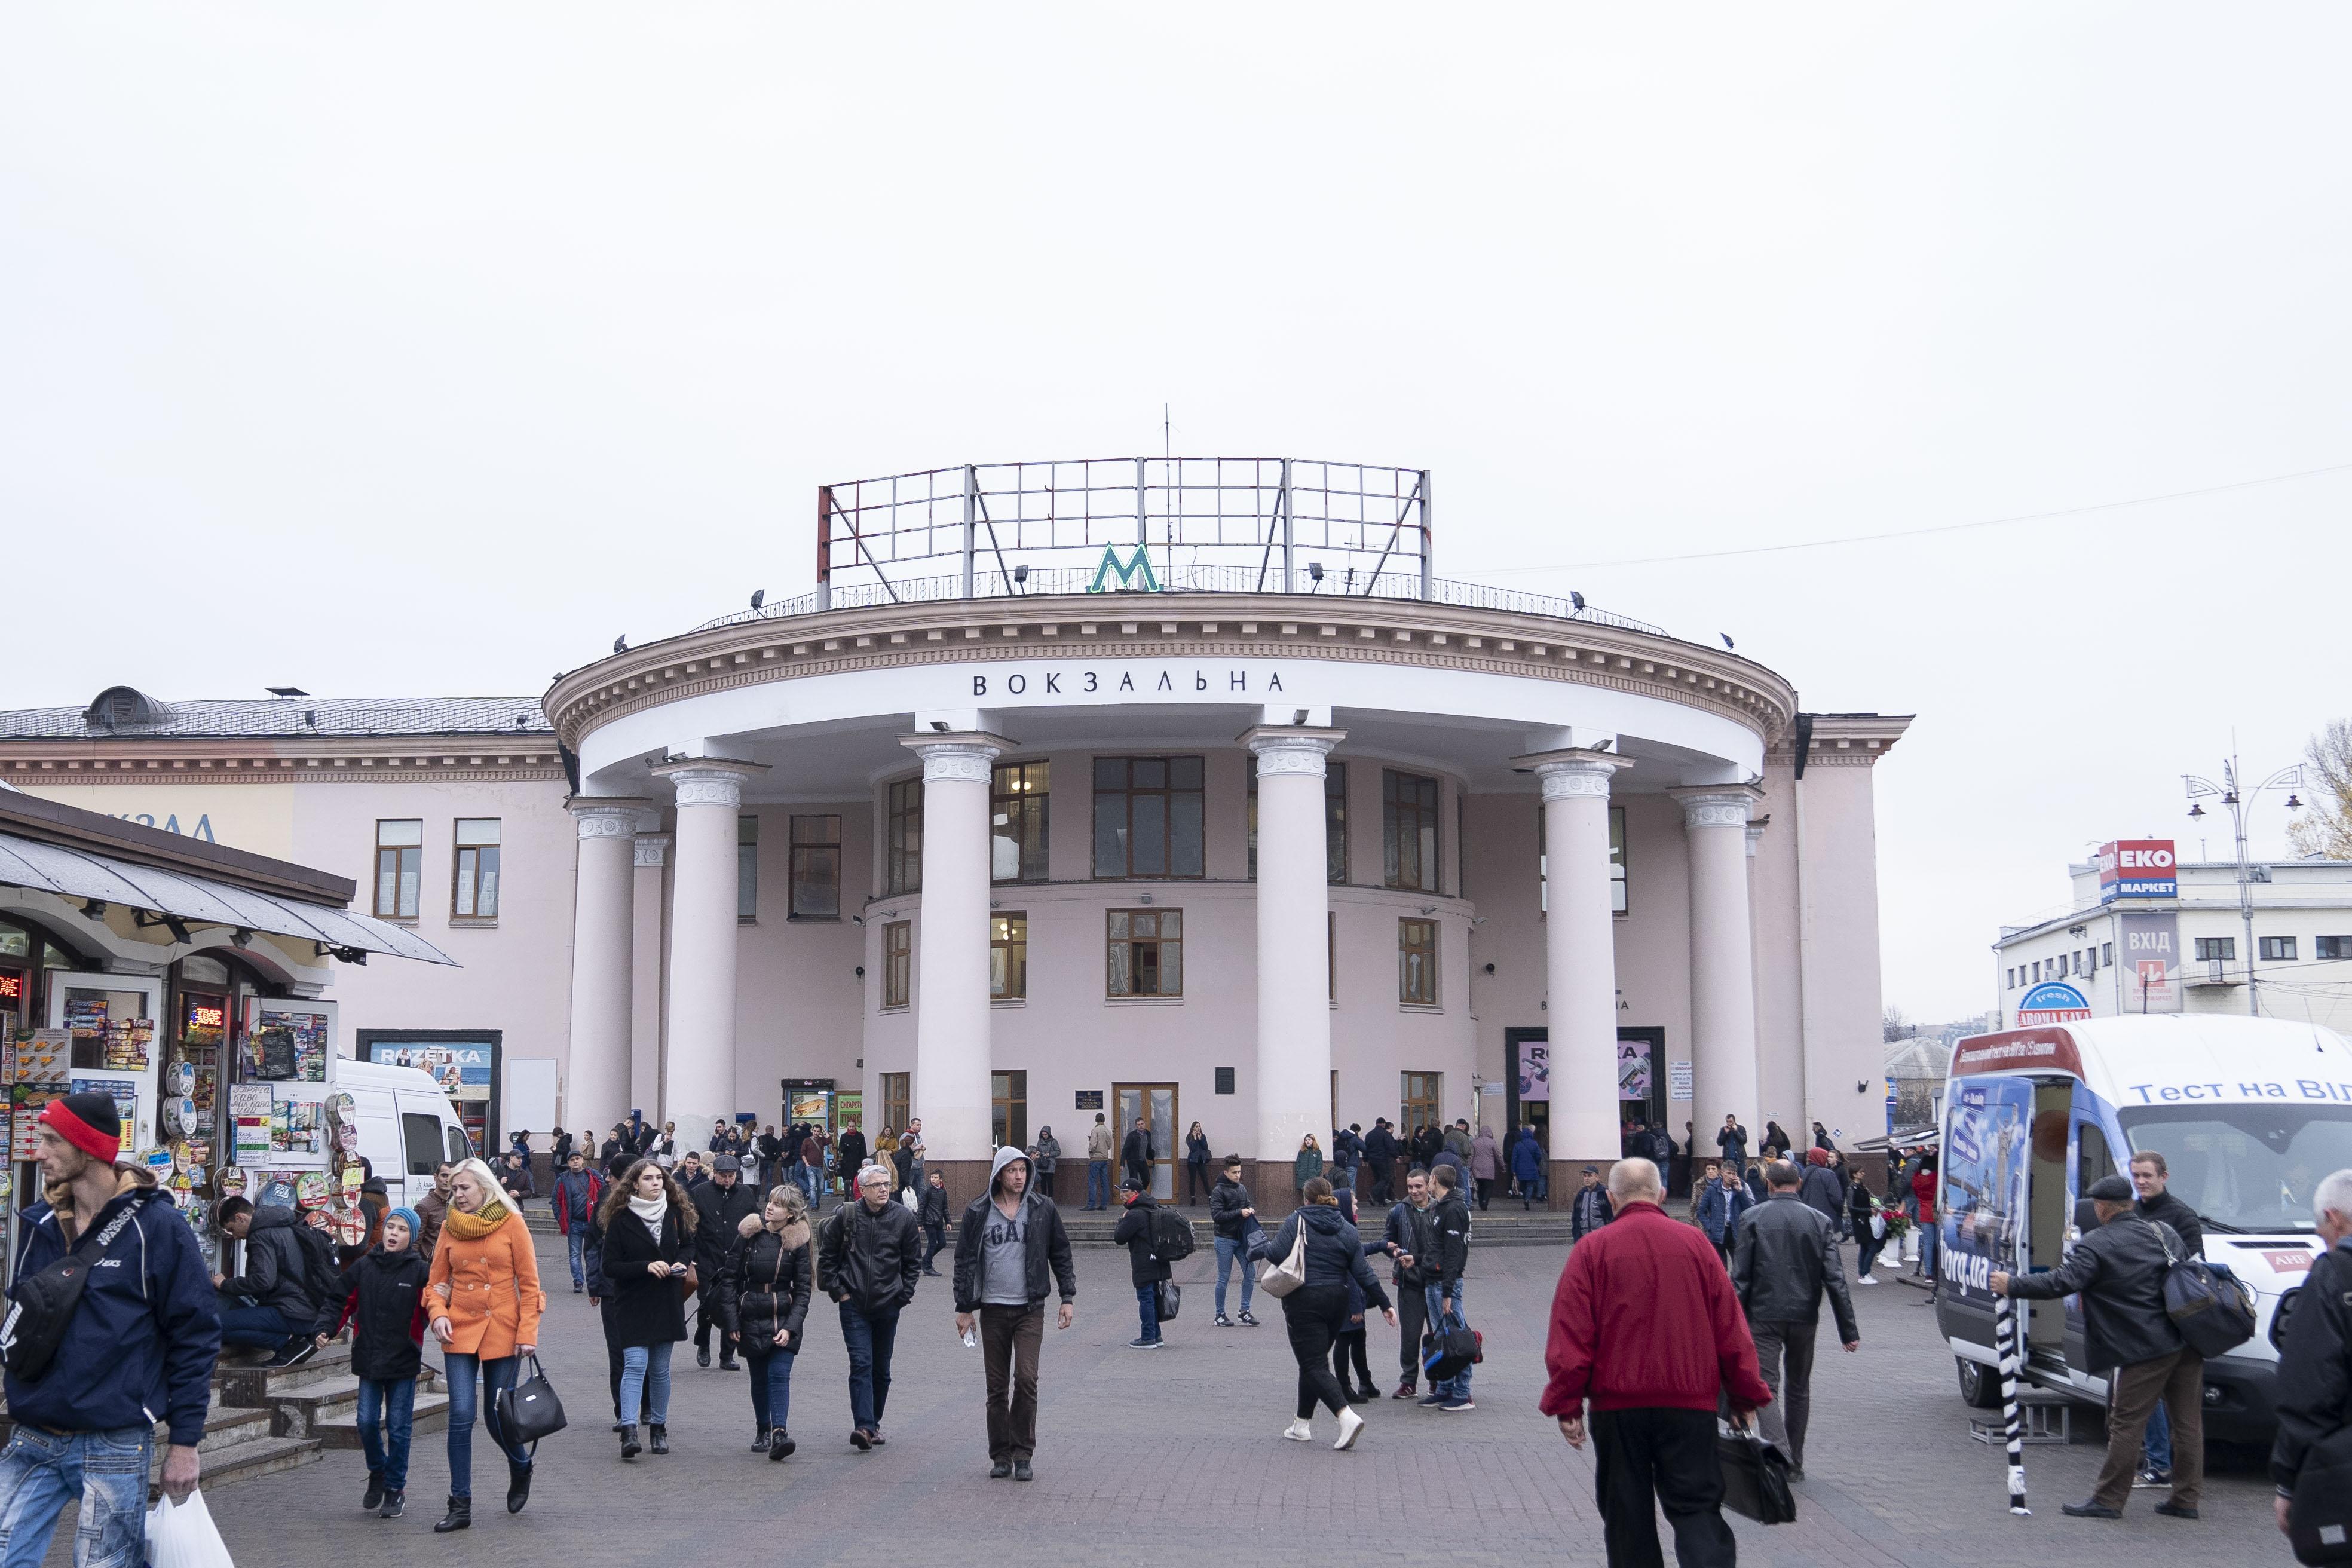 станция метро, вокзальная